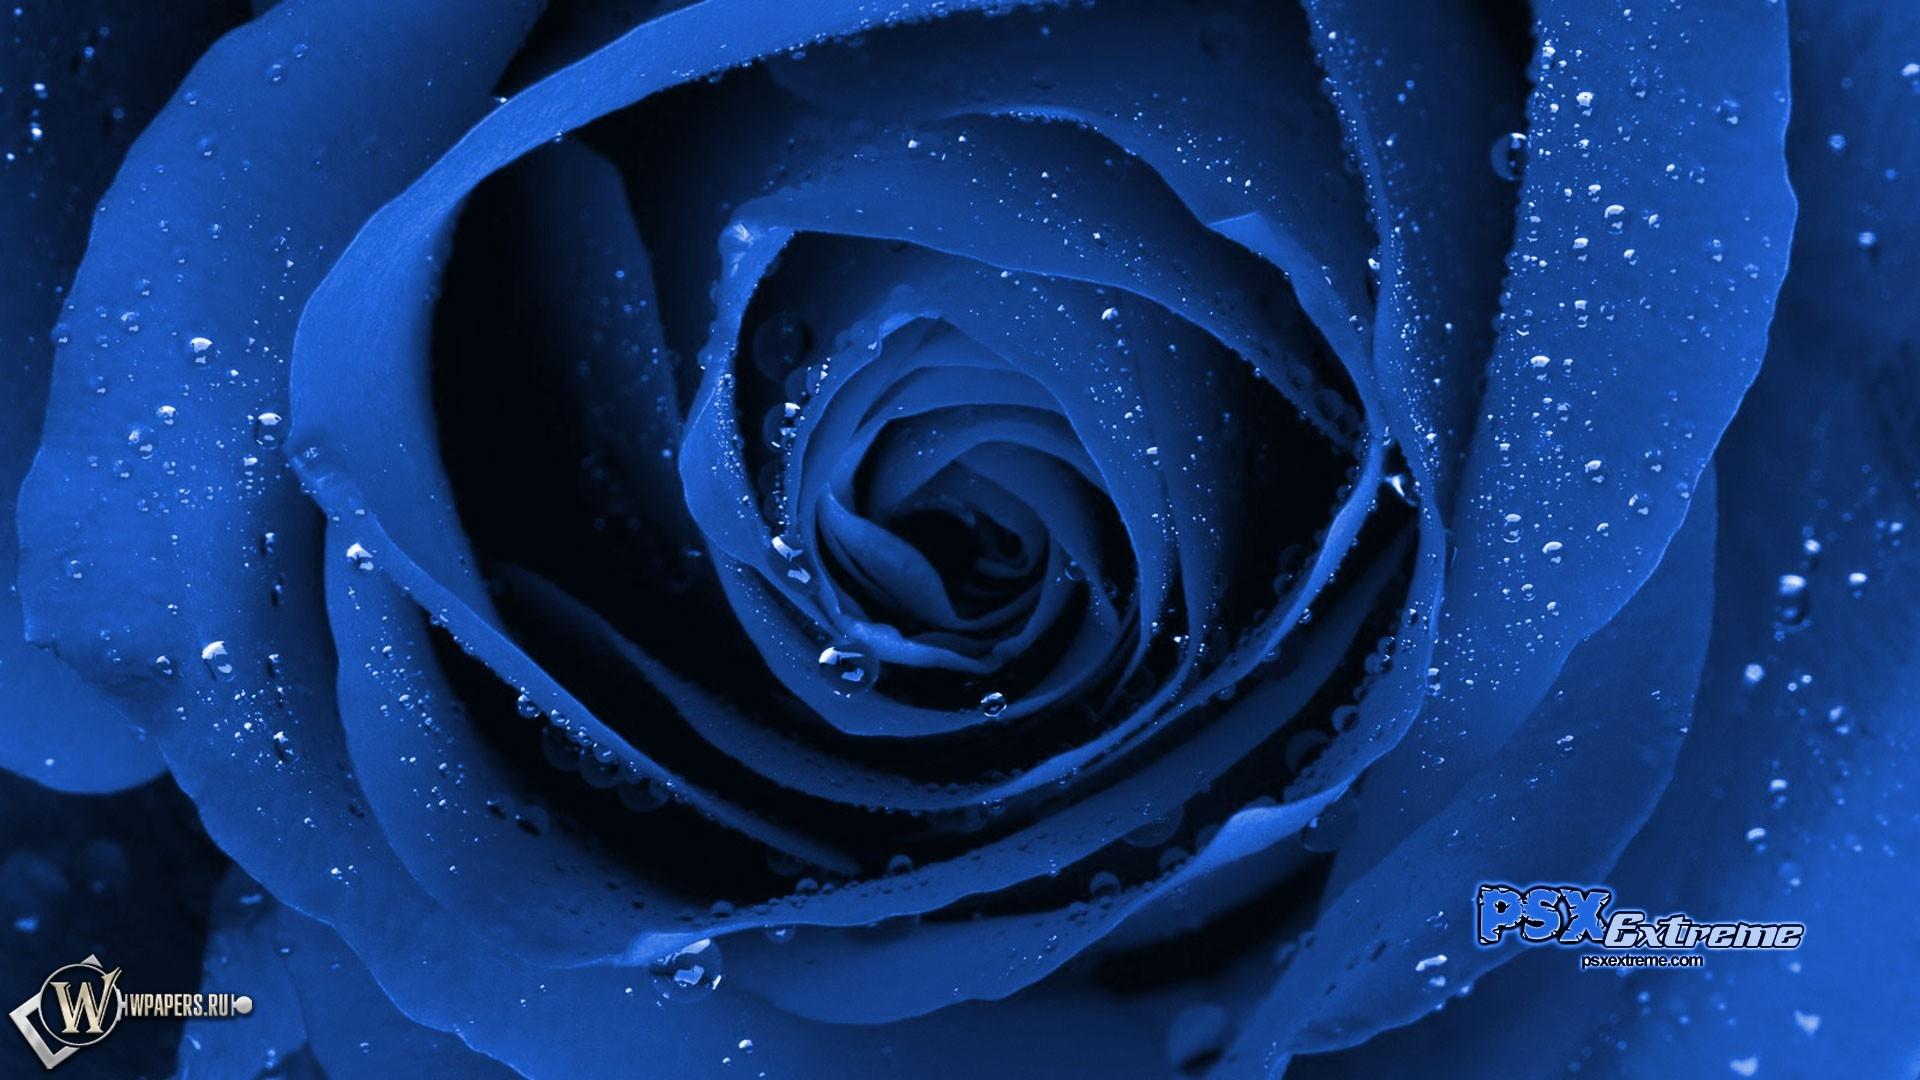 Синяя роза 1920x1080